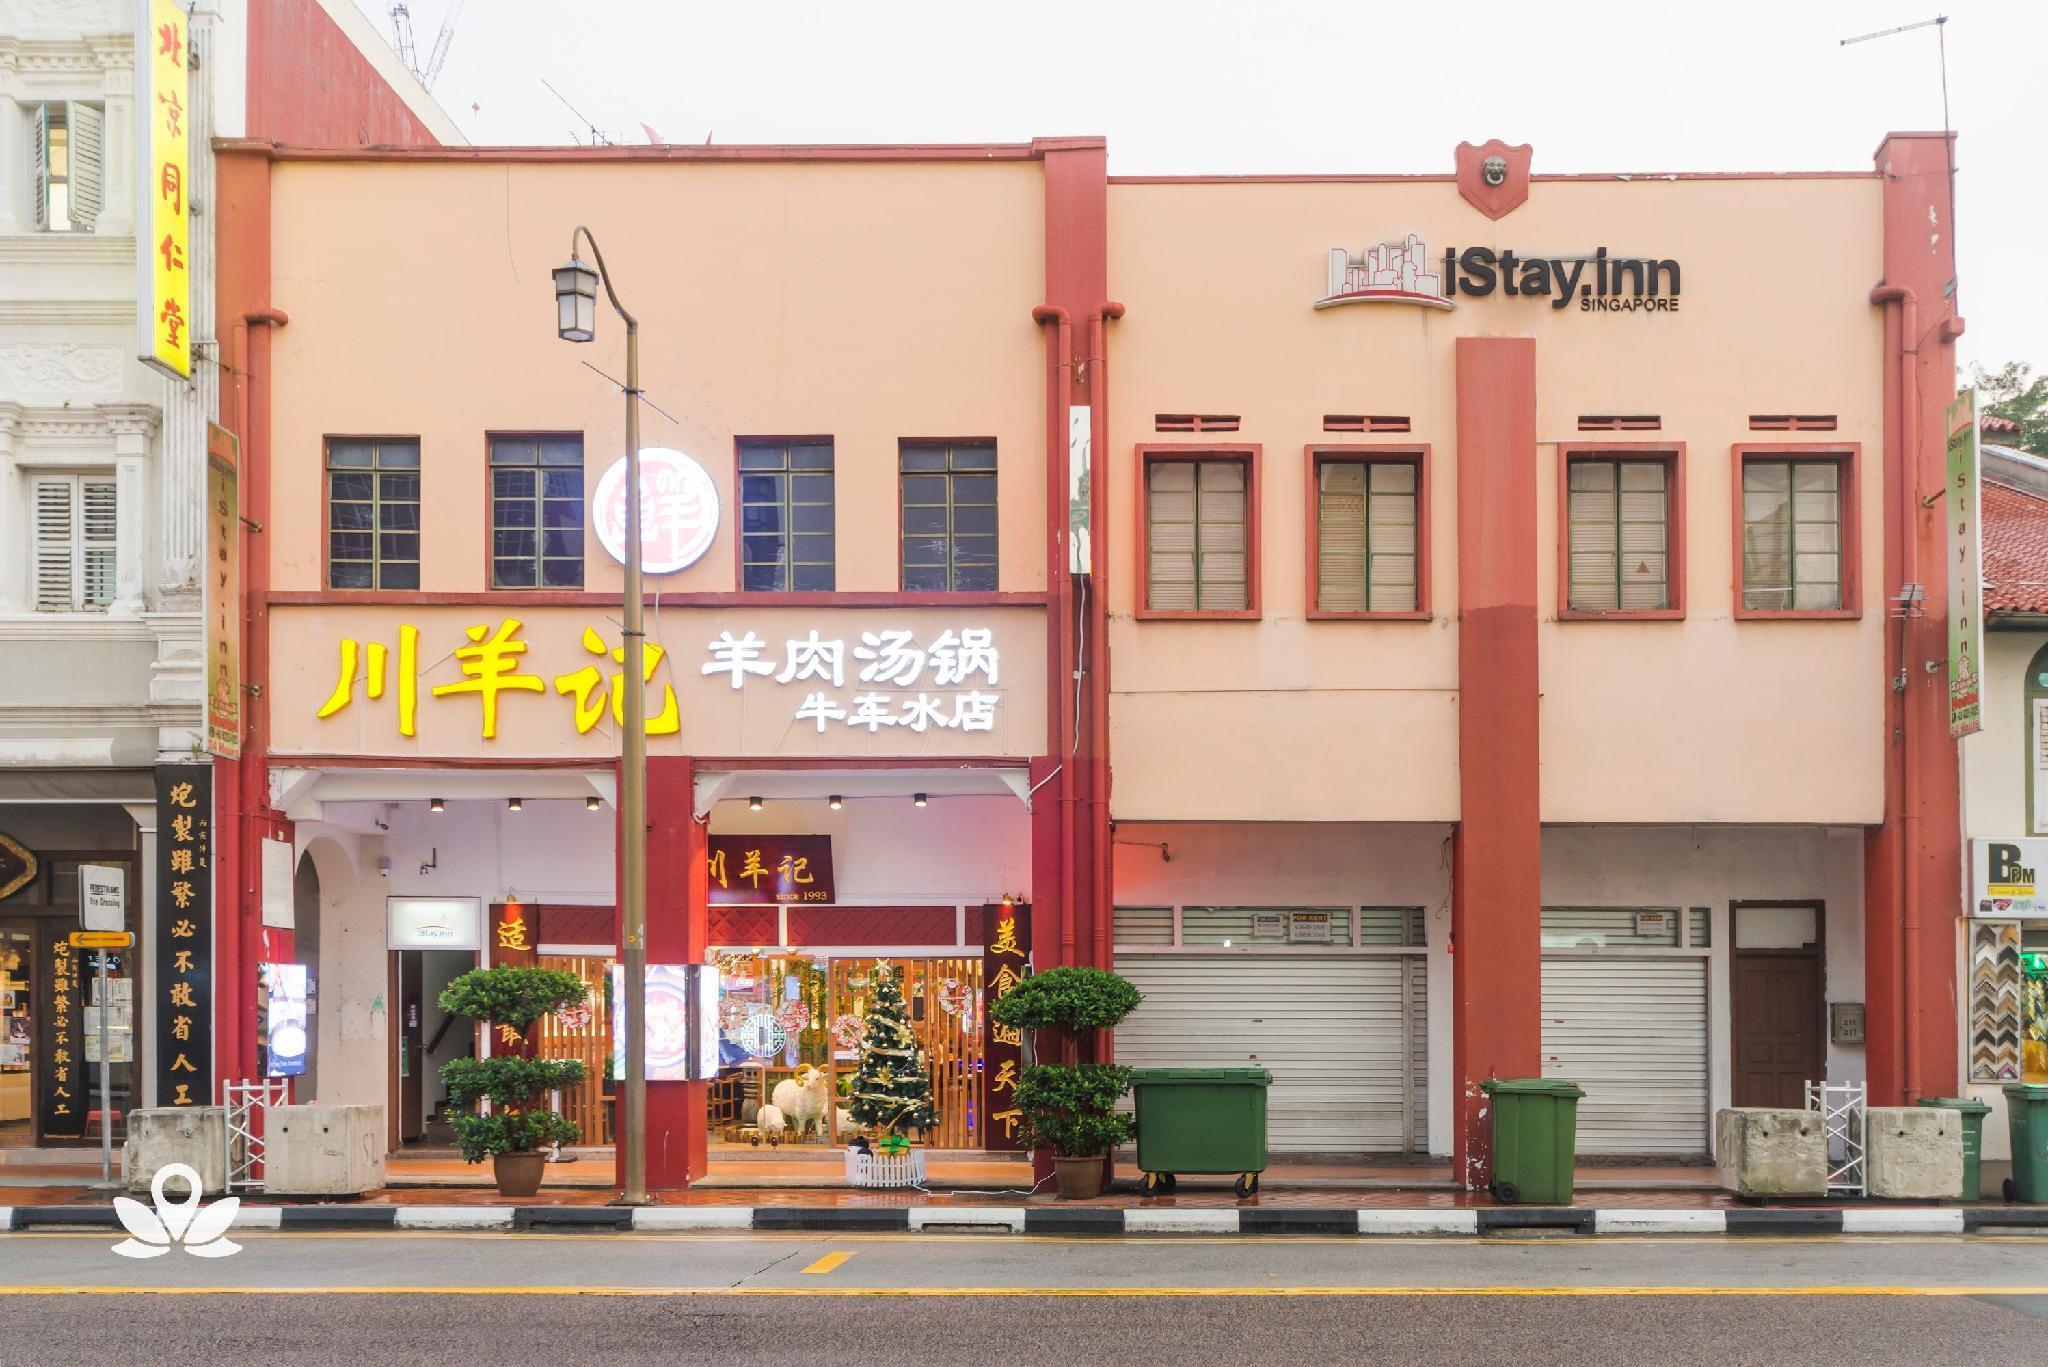 iStay.inn - an urban art hostel, Outram